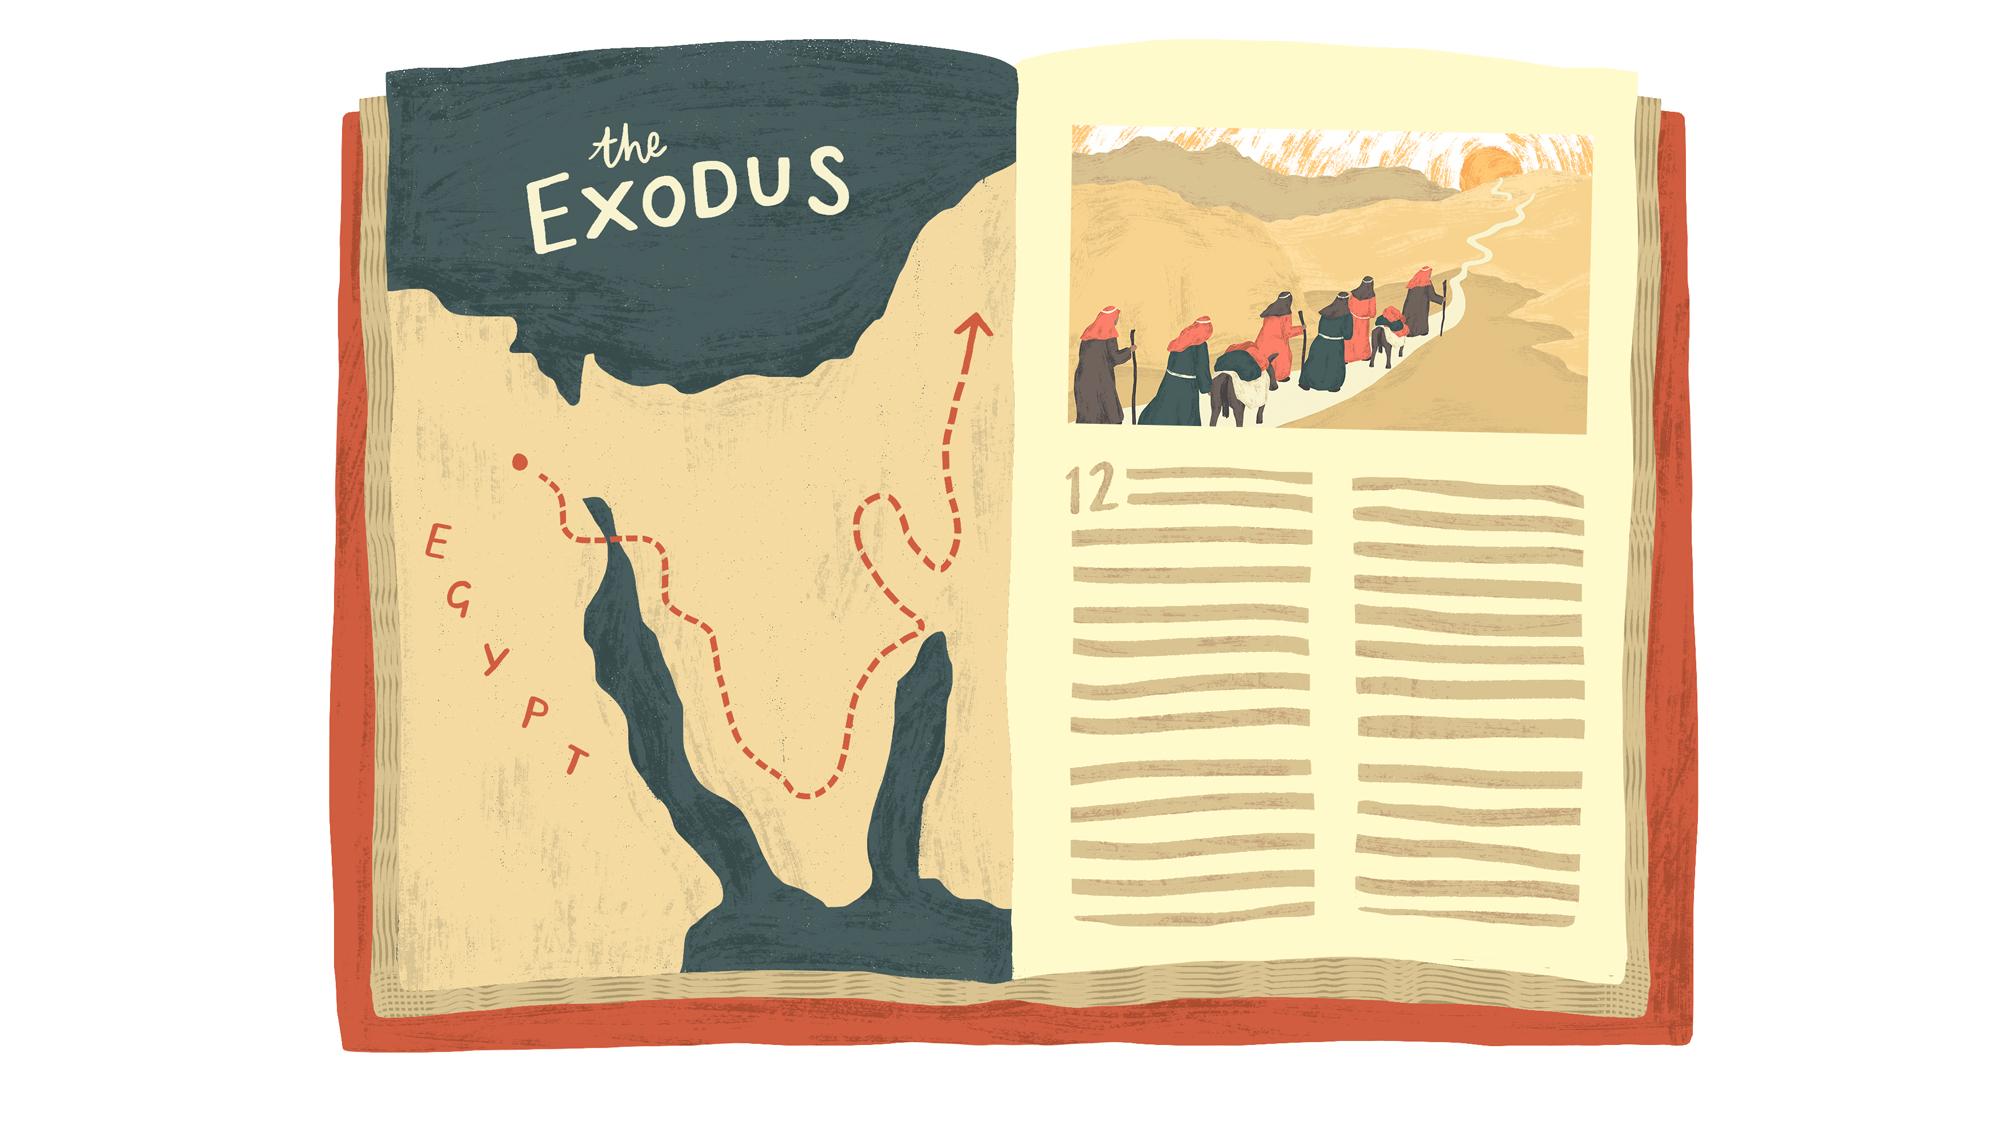 exoduspagesweb.jpg